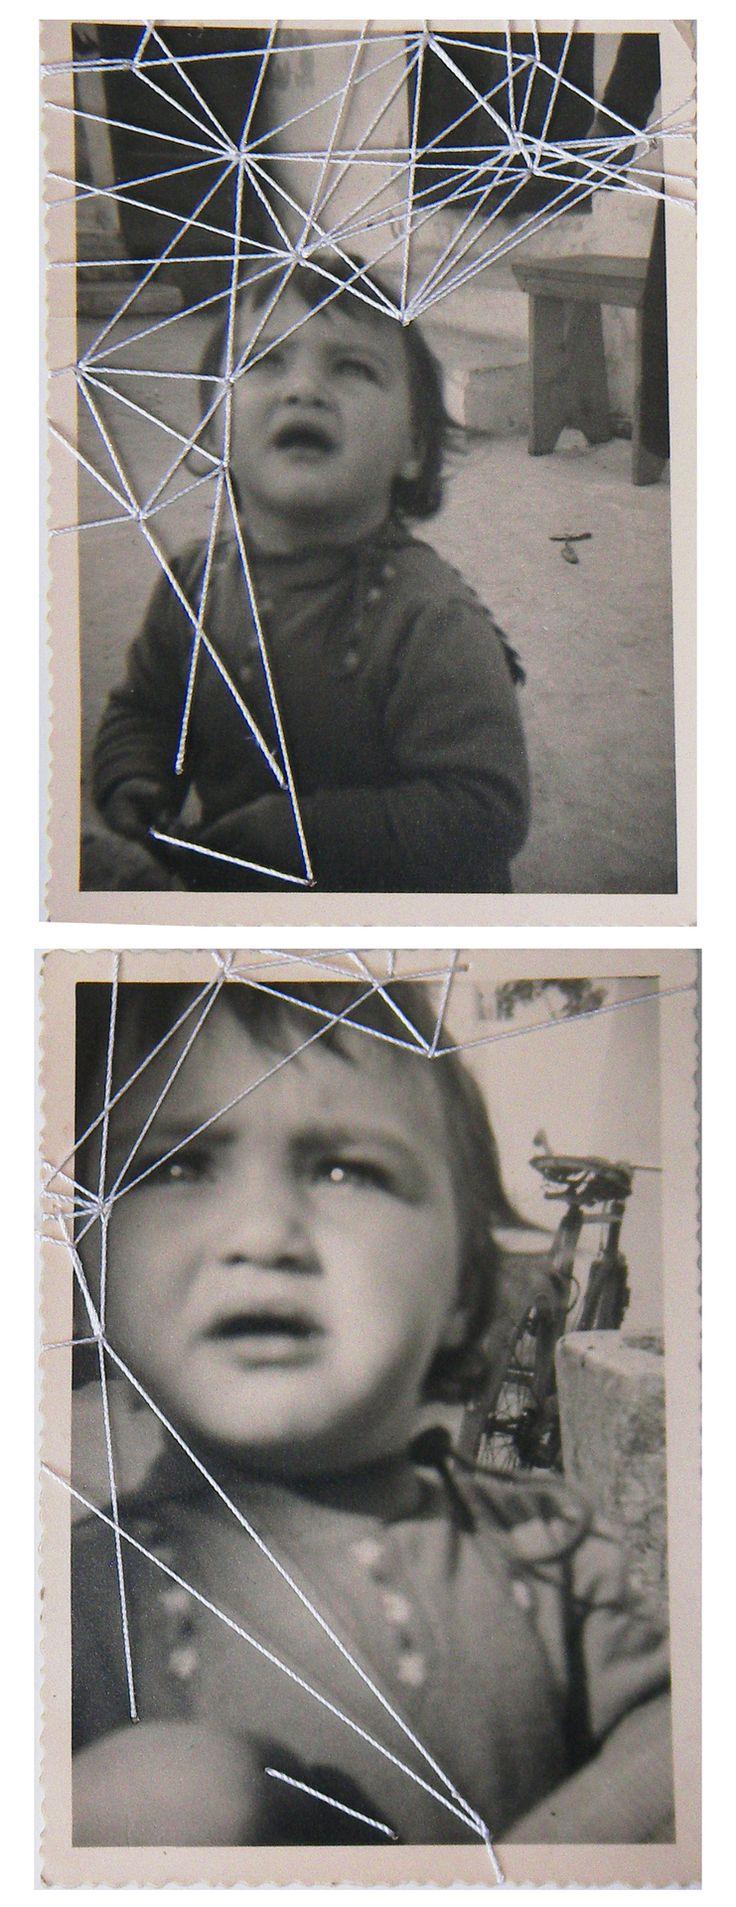 Rossana Taormina, Sequenza #1 (the kite), 2013 (filo di seta su vecchie foto) http://rossanataormina.tumblr.com/ contact: rossana.taormina@g...